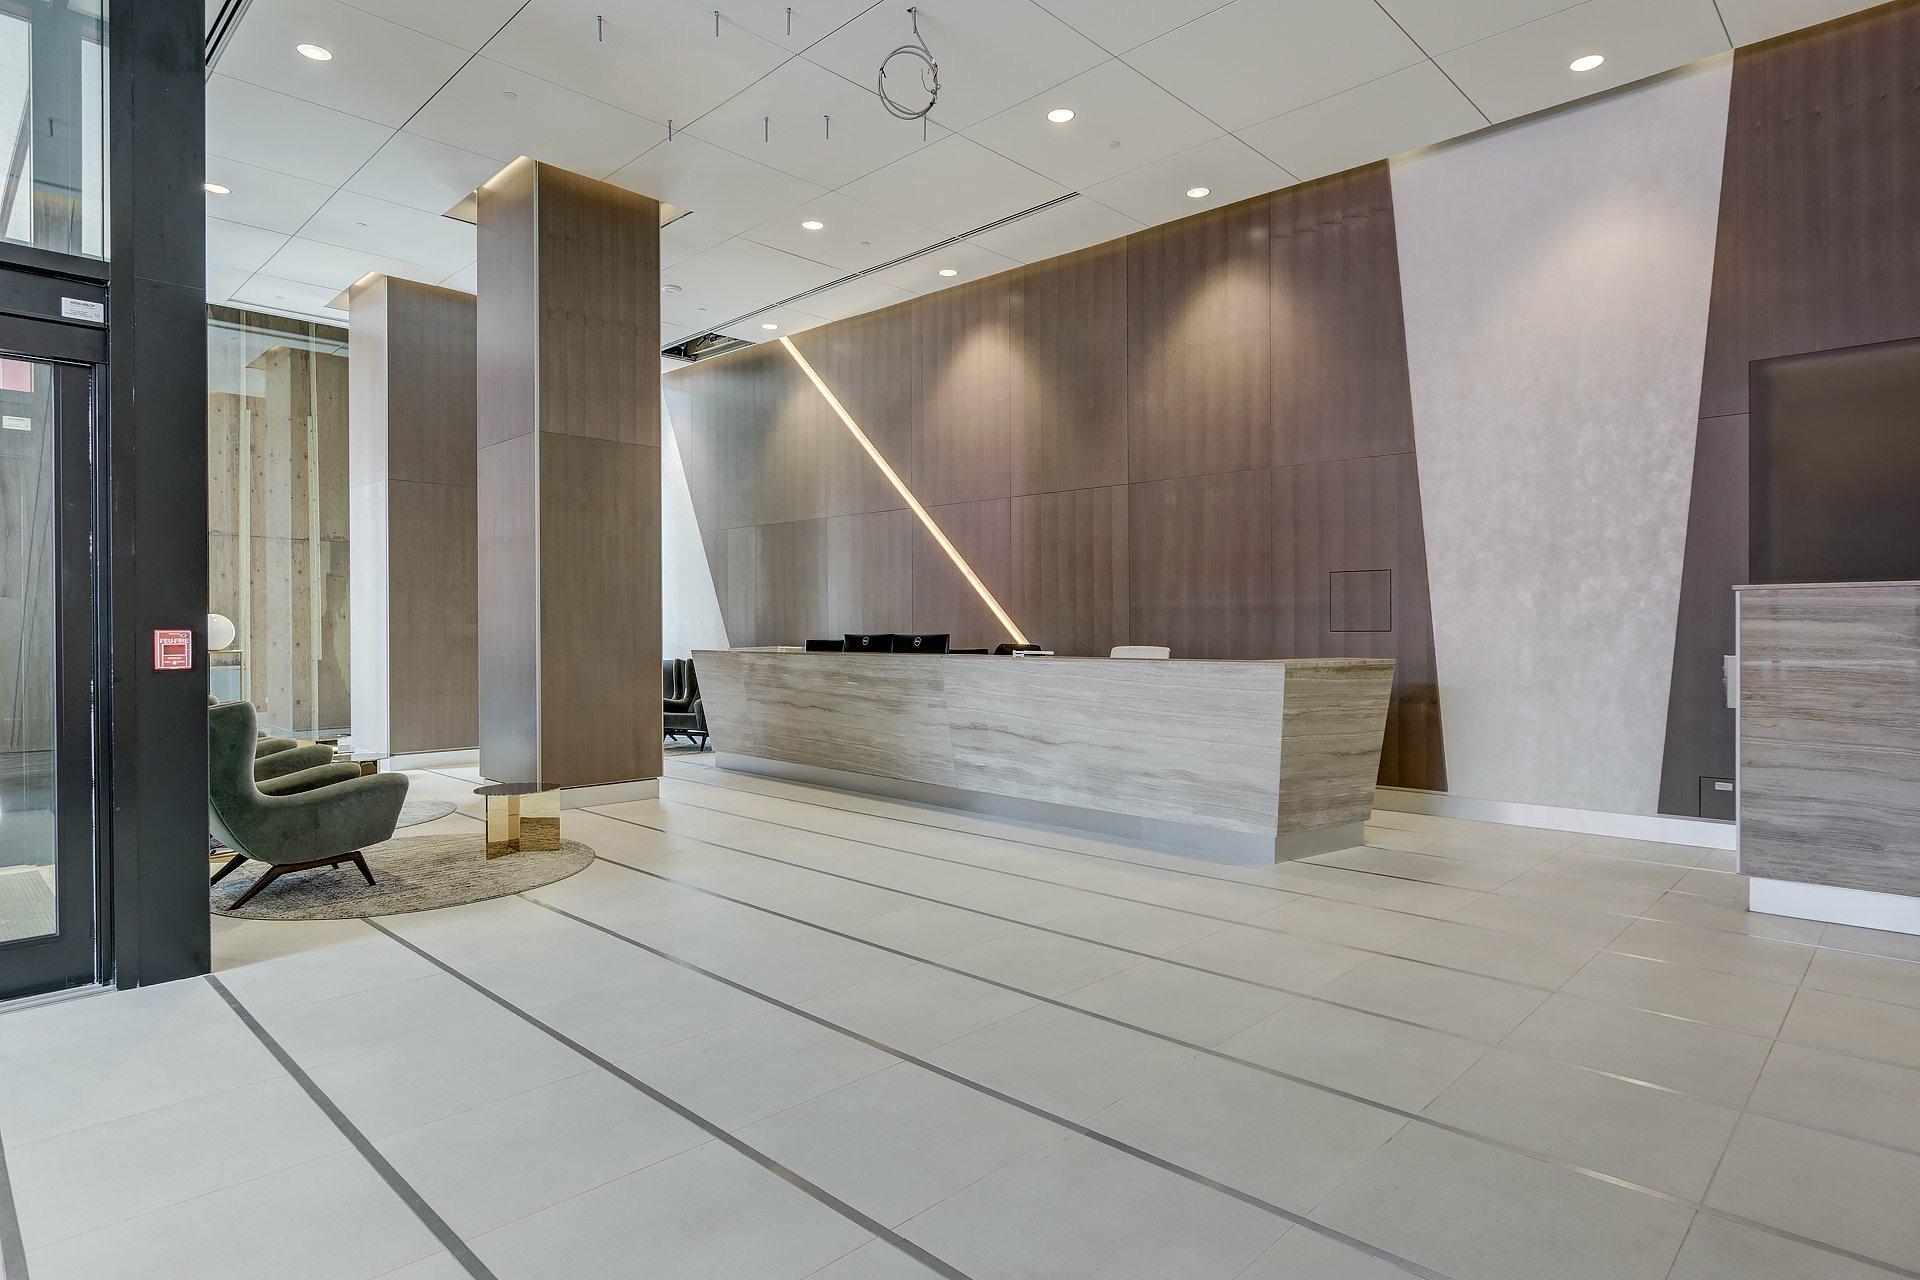 image 27 - Apartment For rent Ville-Marie Montréal  - 6 rooms